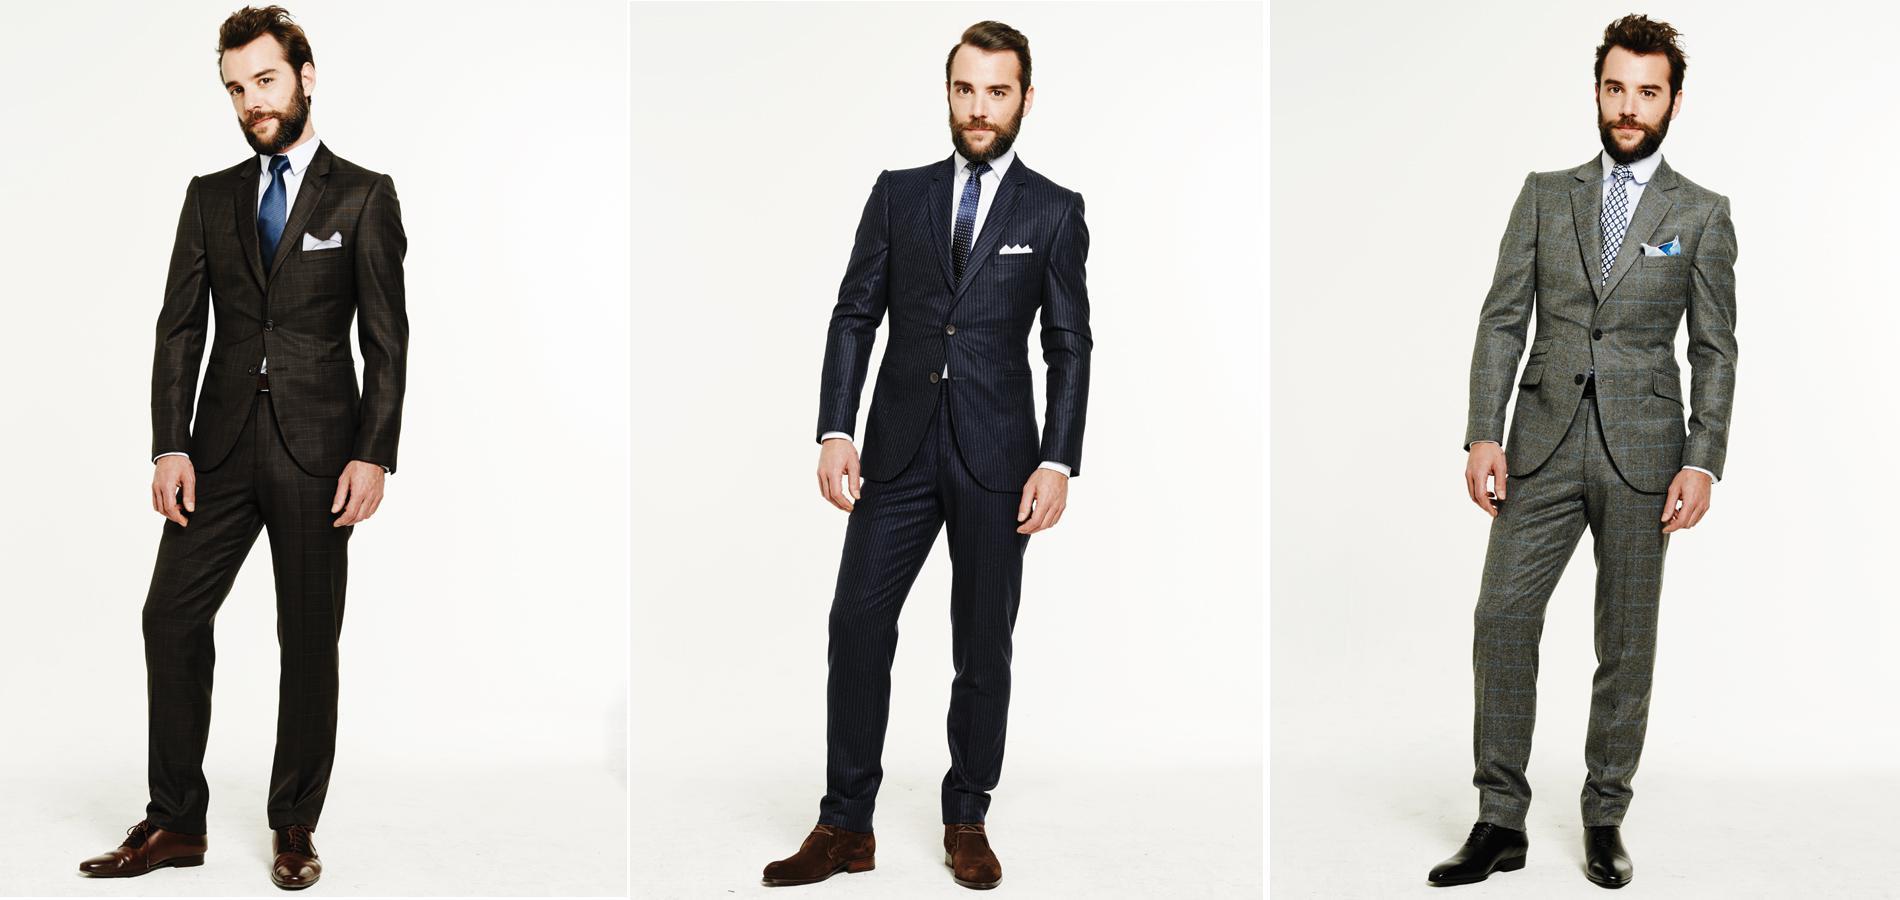 des conseils pour bien choisir son costume homme toute l 39 actualit sur scoop bidou presse. Black Bedroom Furniture Sets. Home Design Ideas